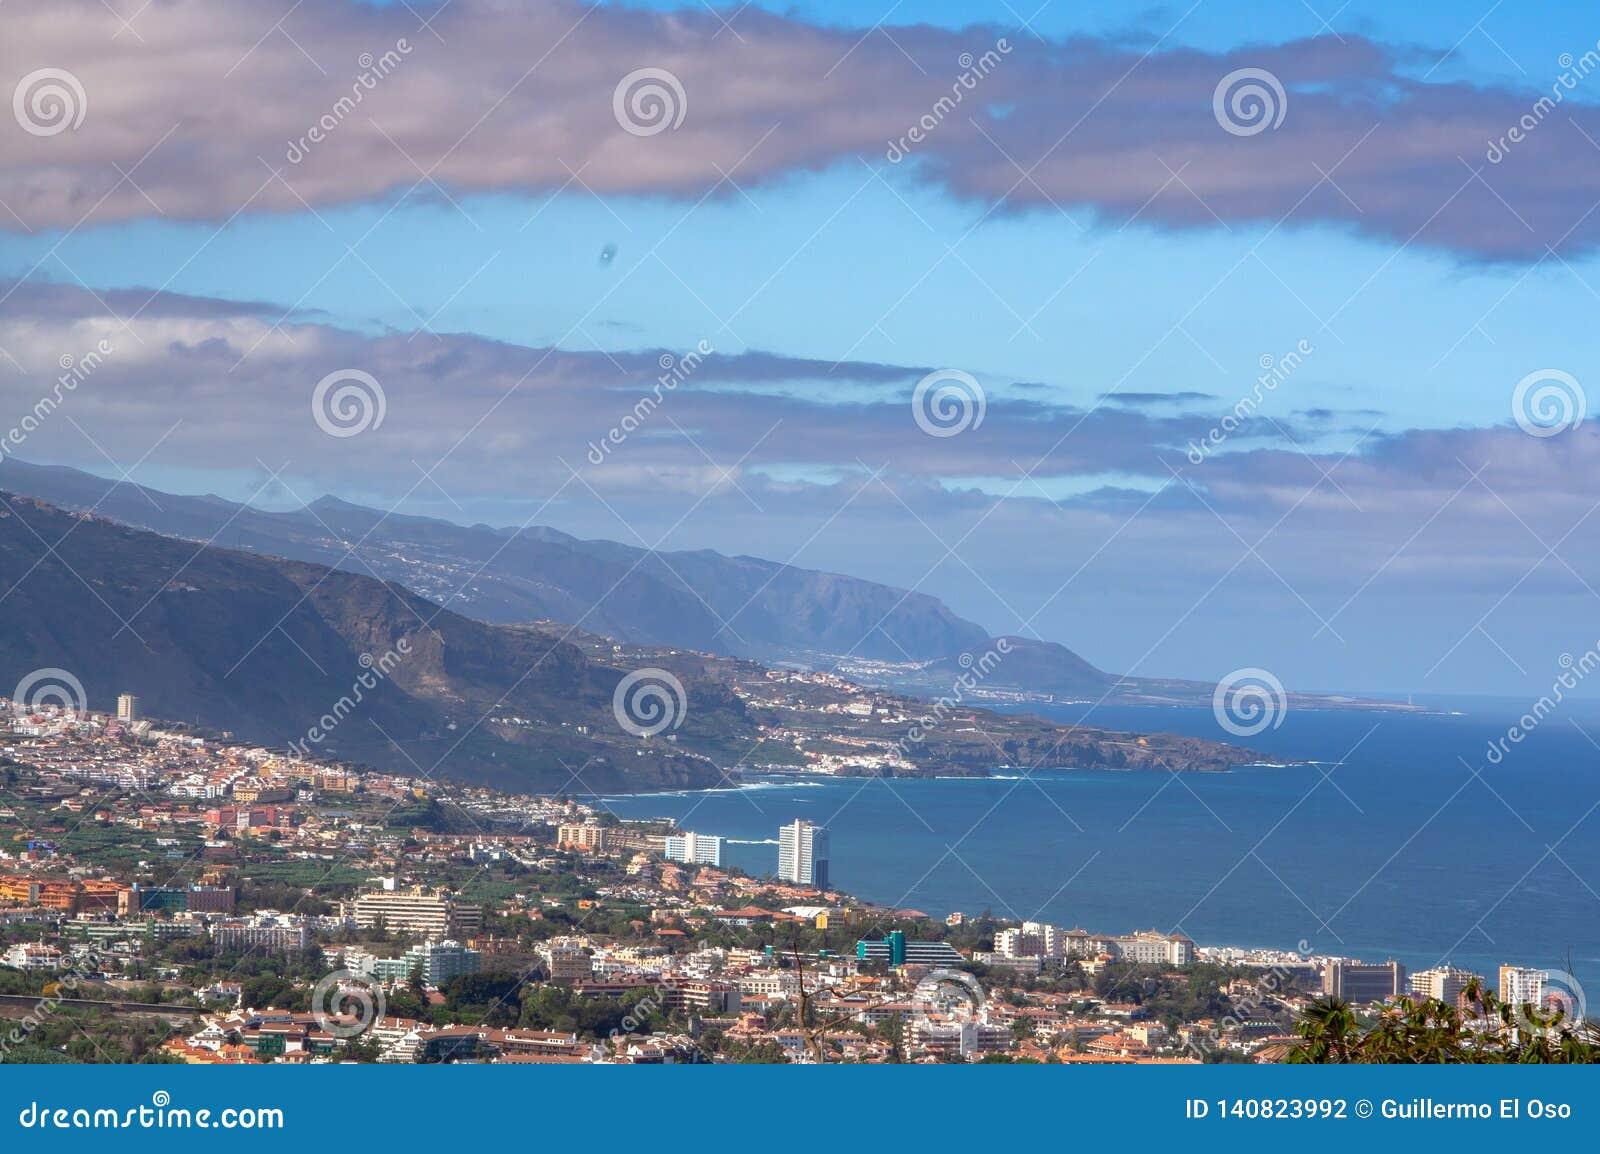 Visión lejana desde una montaña en costa salvaje con la ciudad